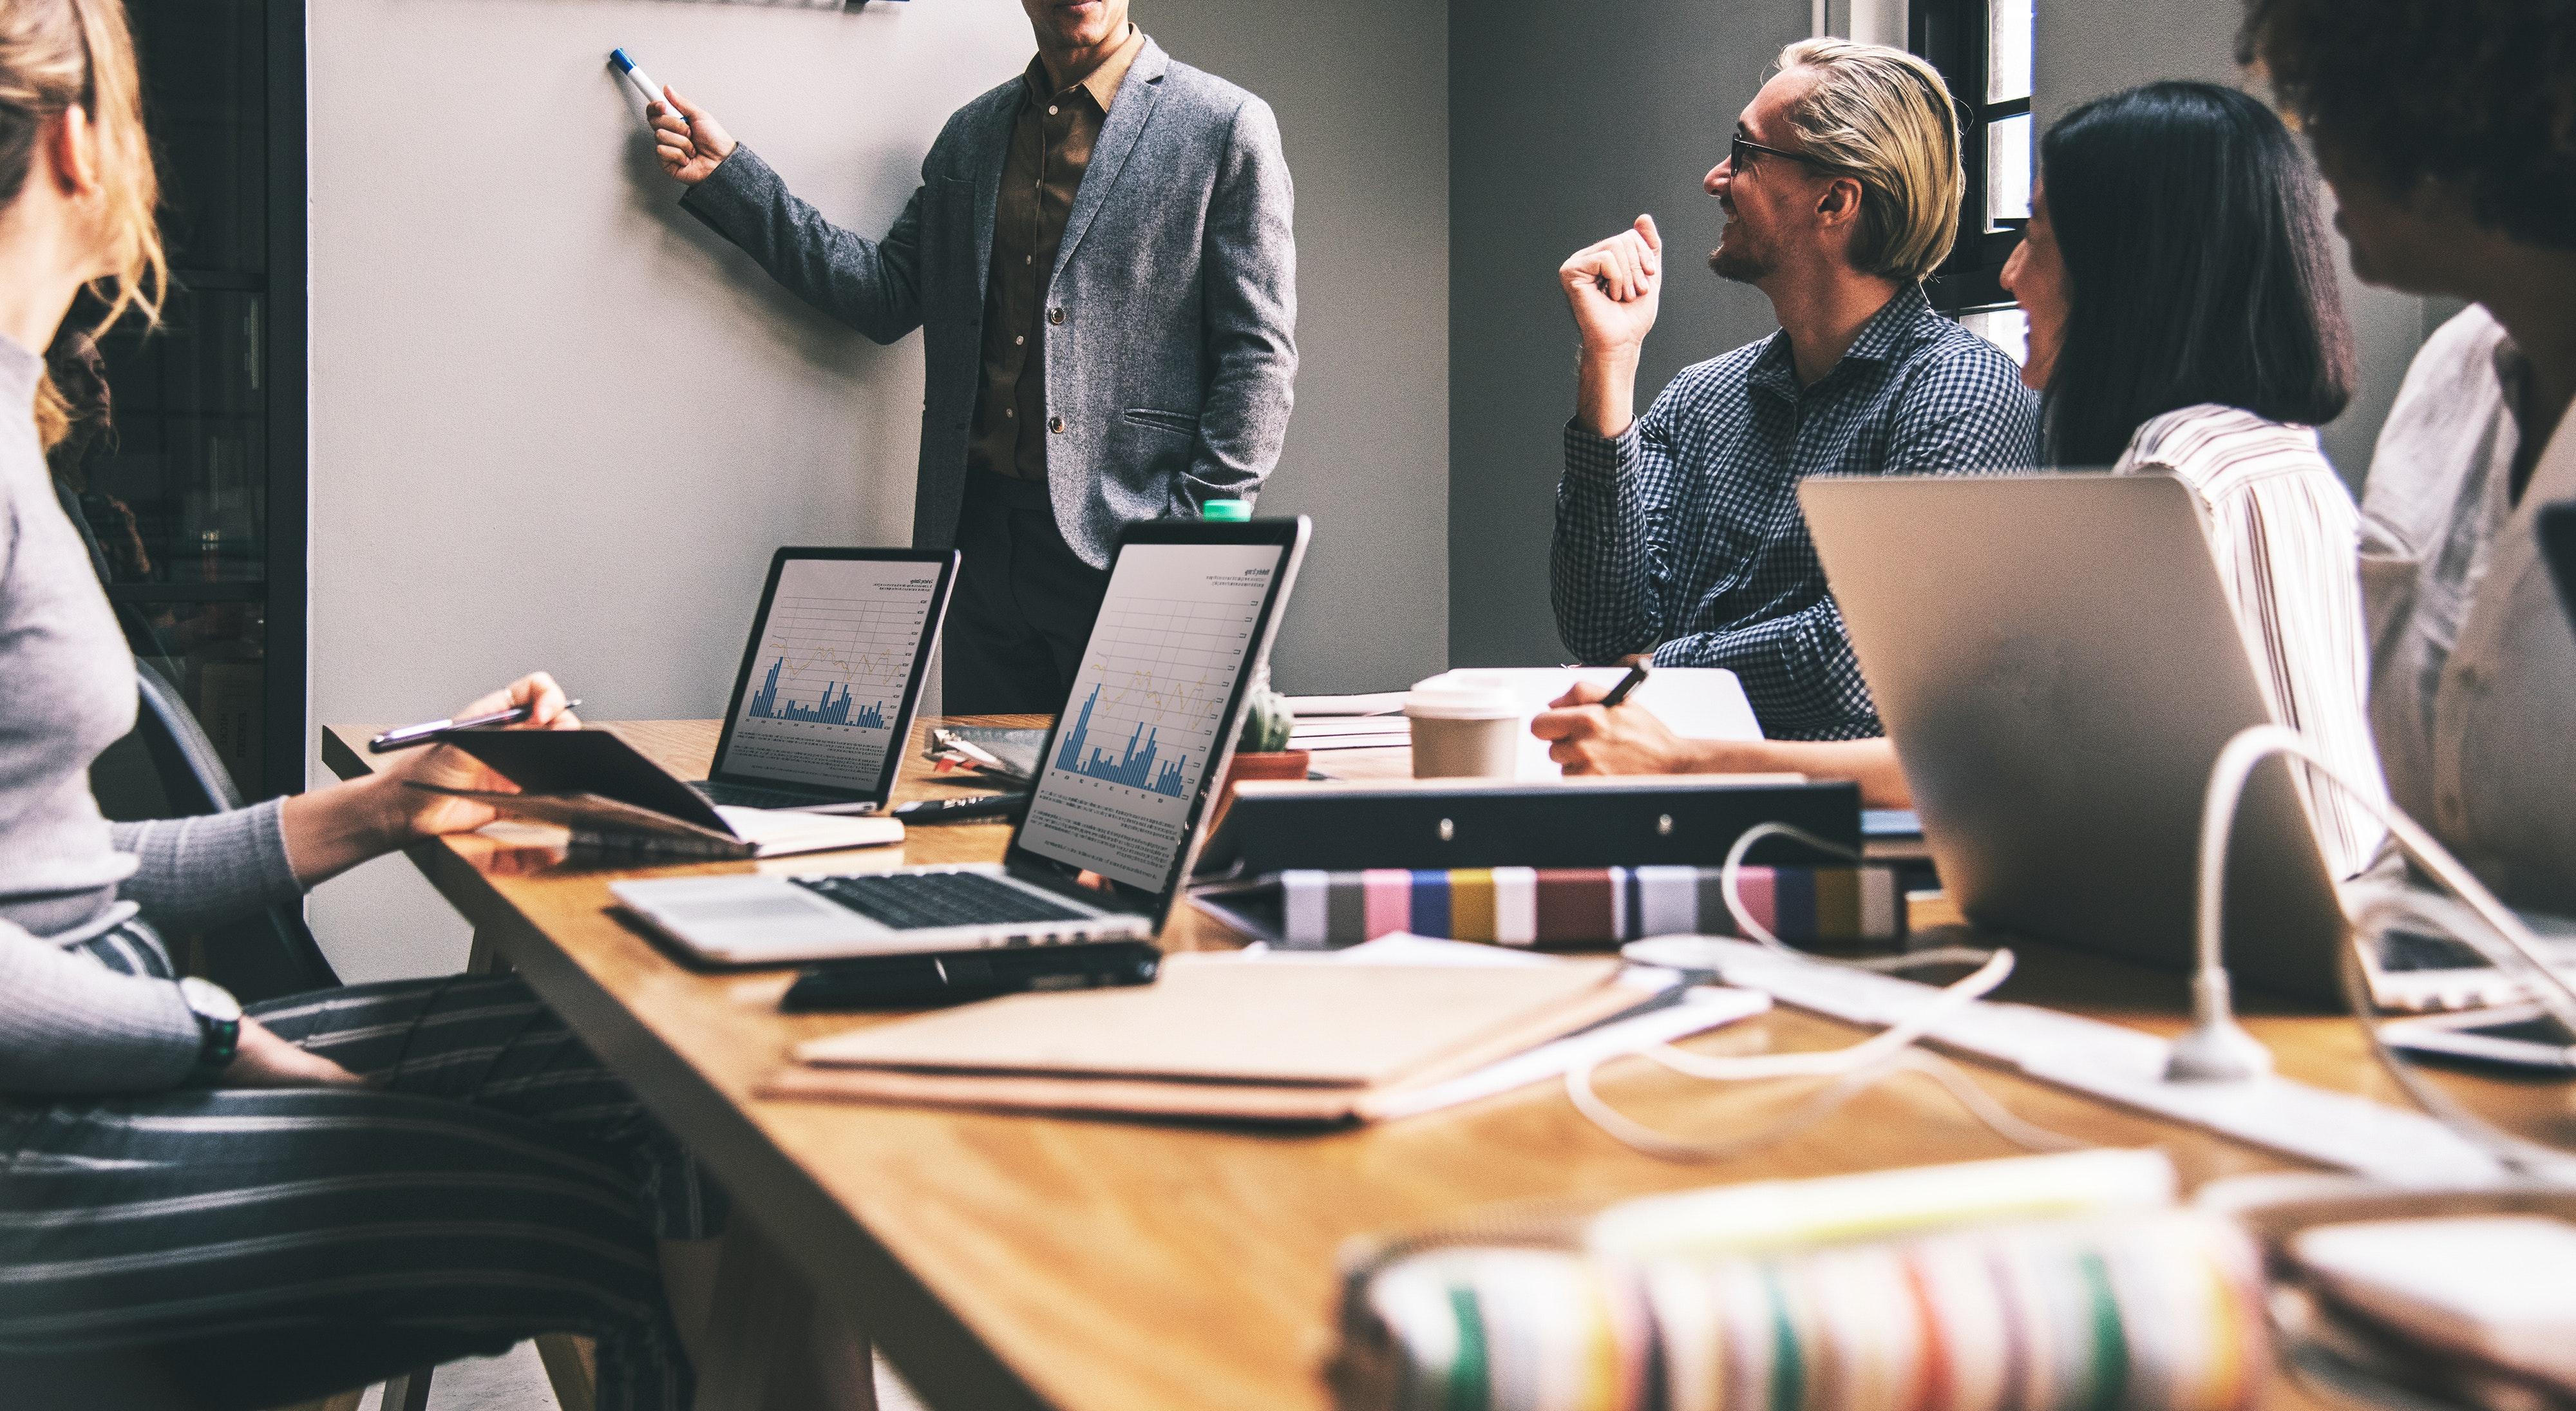 Choix d'une stratégie créative en communication interne